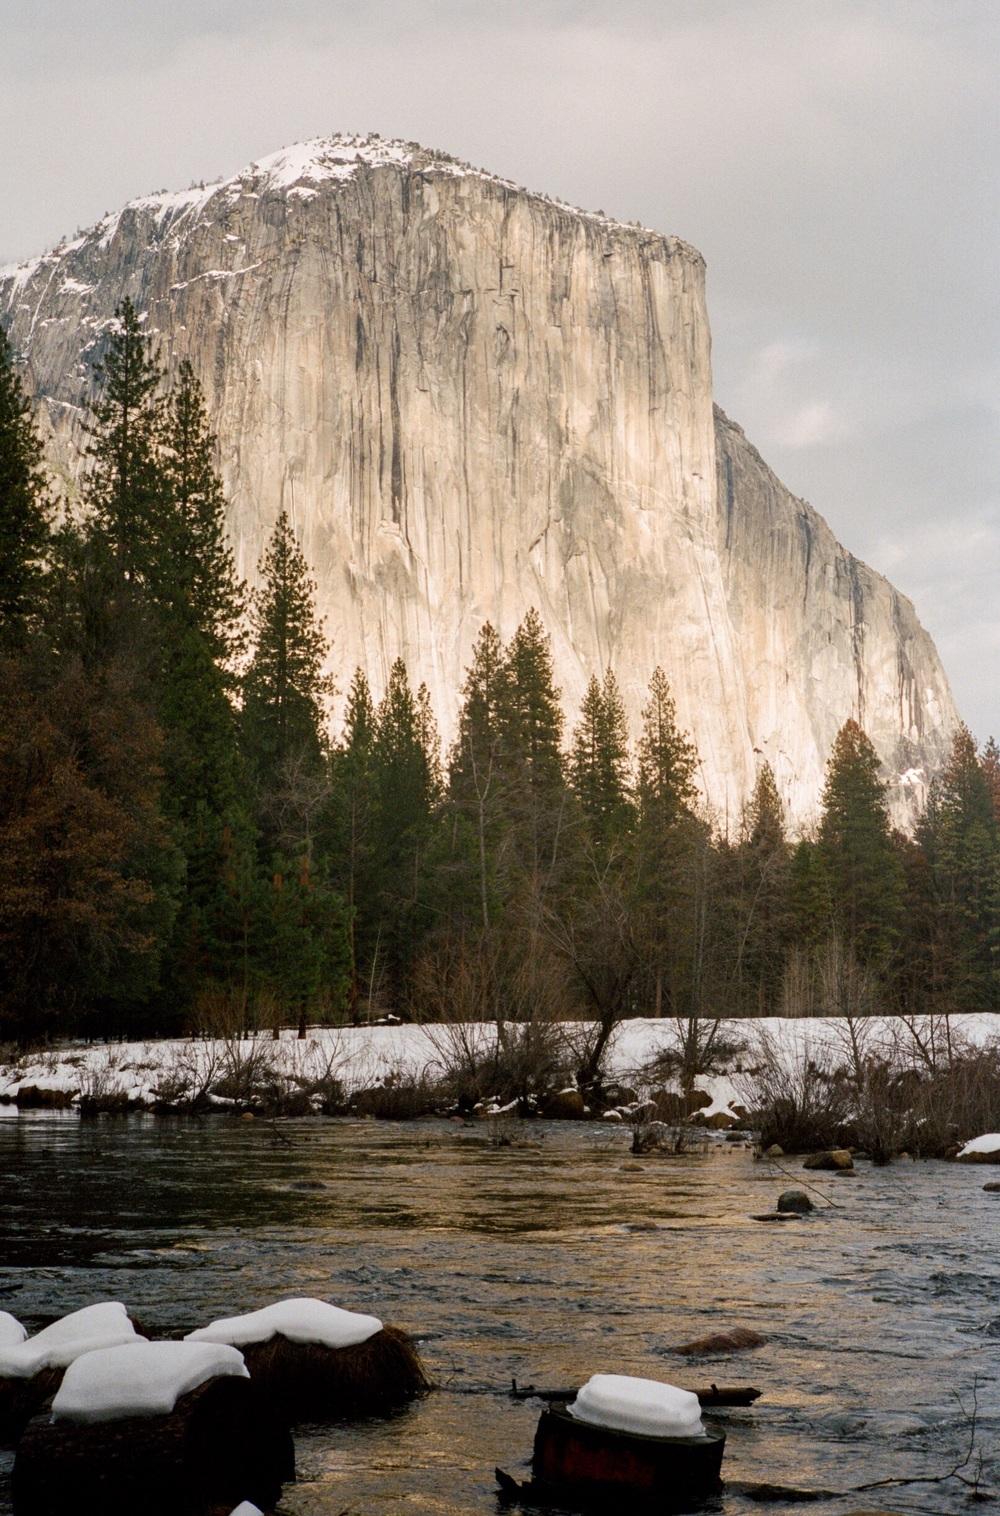 El Capitain, Yosemite Valley